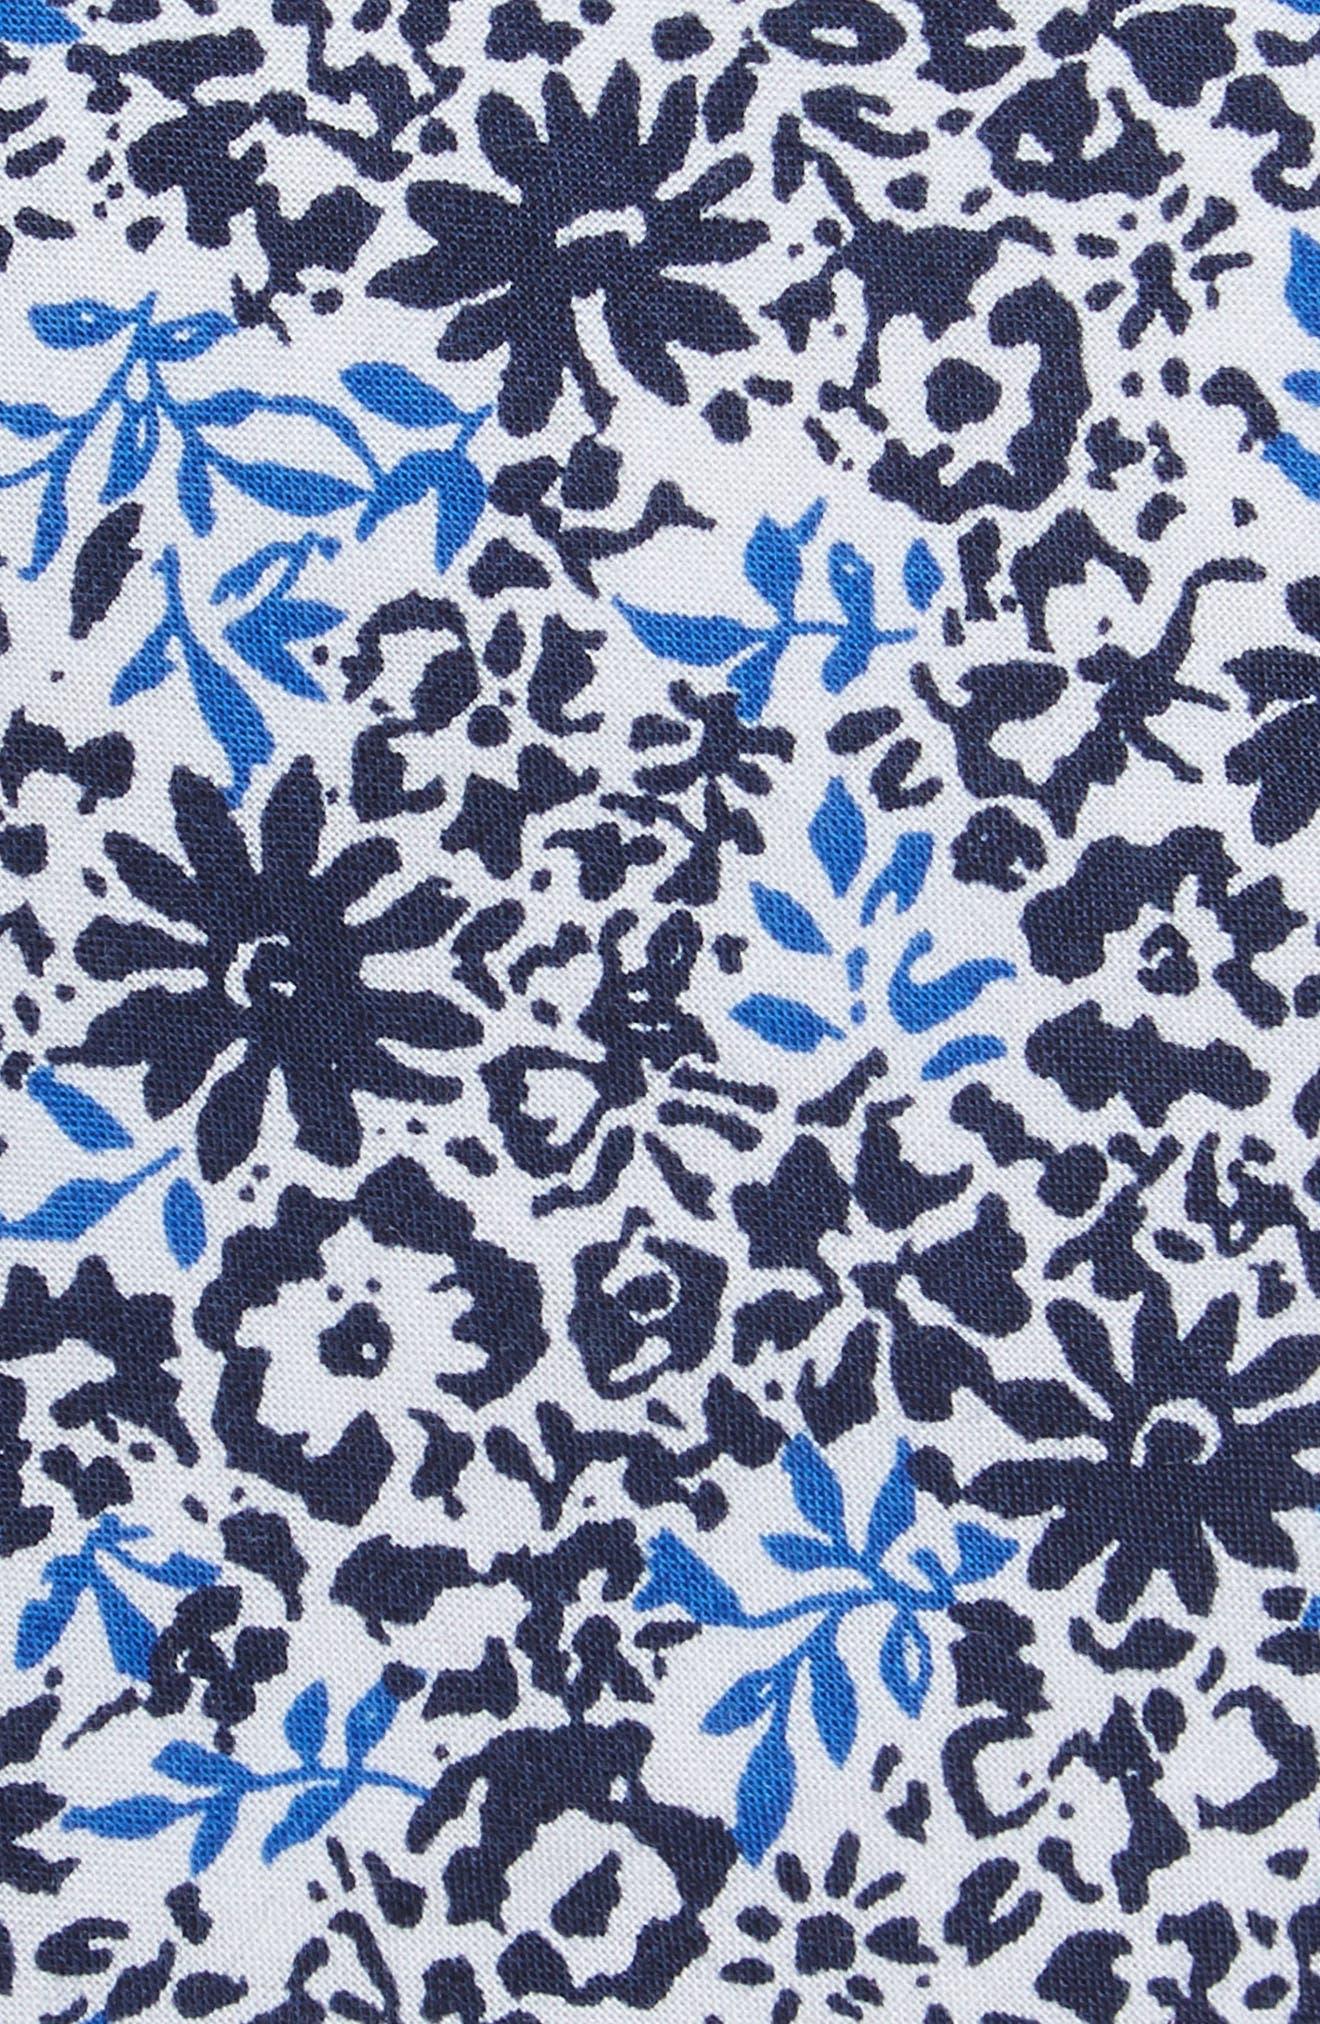 Grace Floral Print Cotton Skinny Tie,                             Alternate thumbnail 2, color,                             410